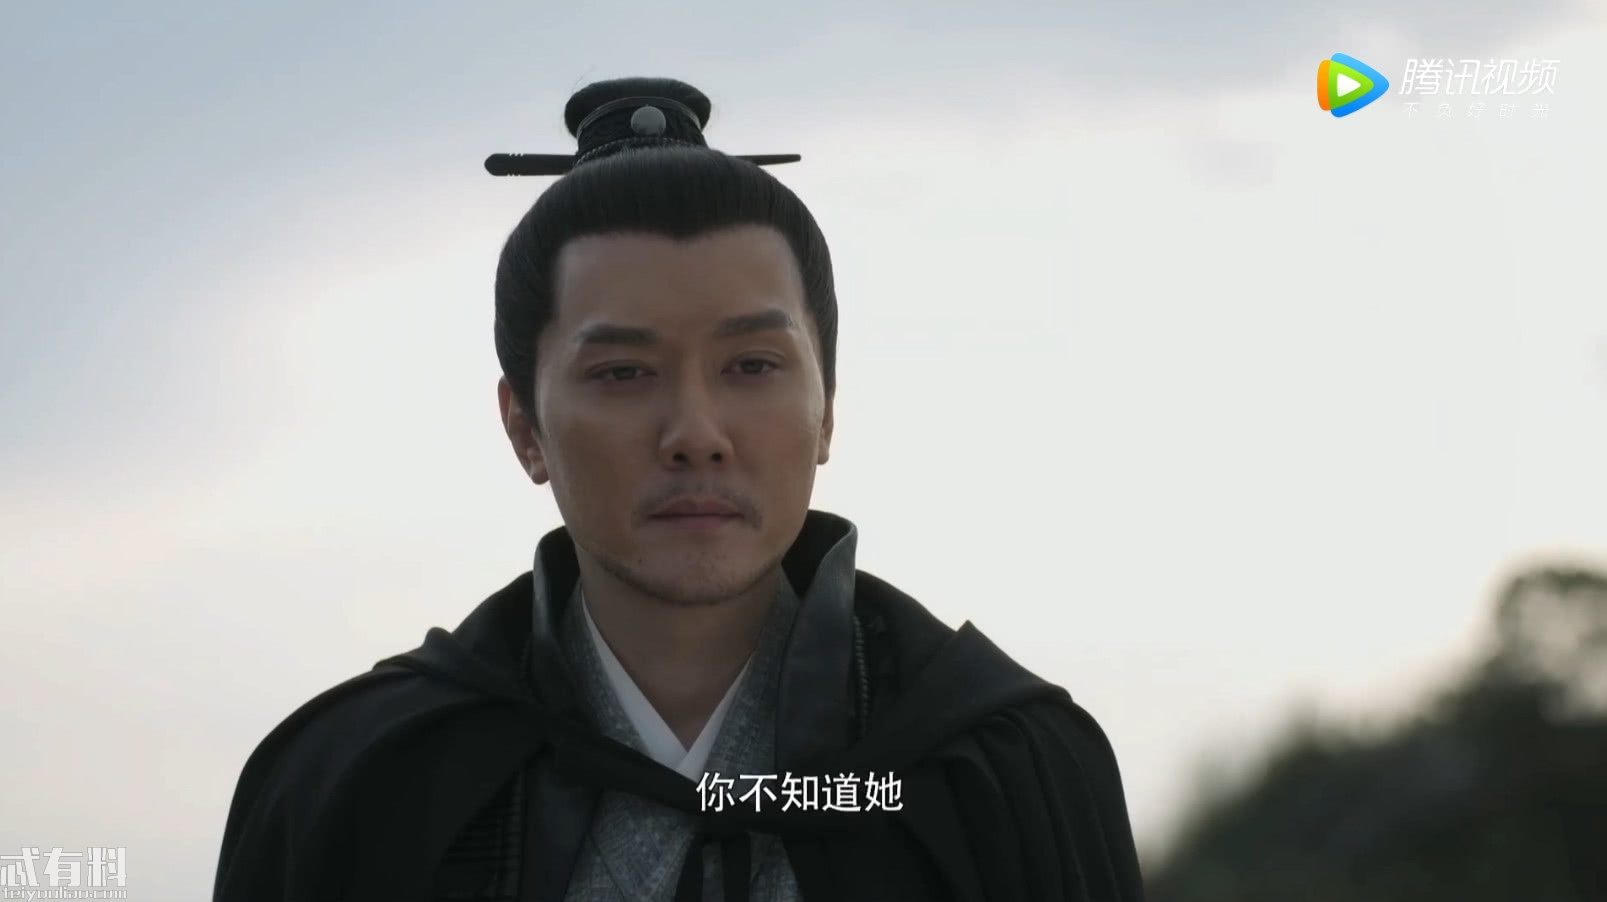 知否刘贵妃结局非常凄惨 顾廷烨和桓王联手剿灭了刘贵妃发起的叛乱